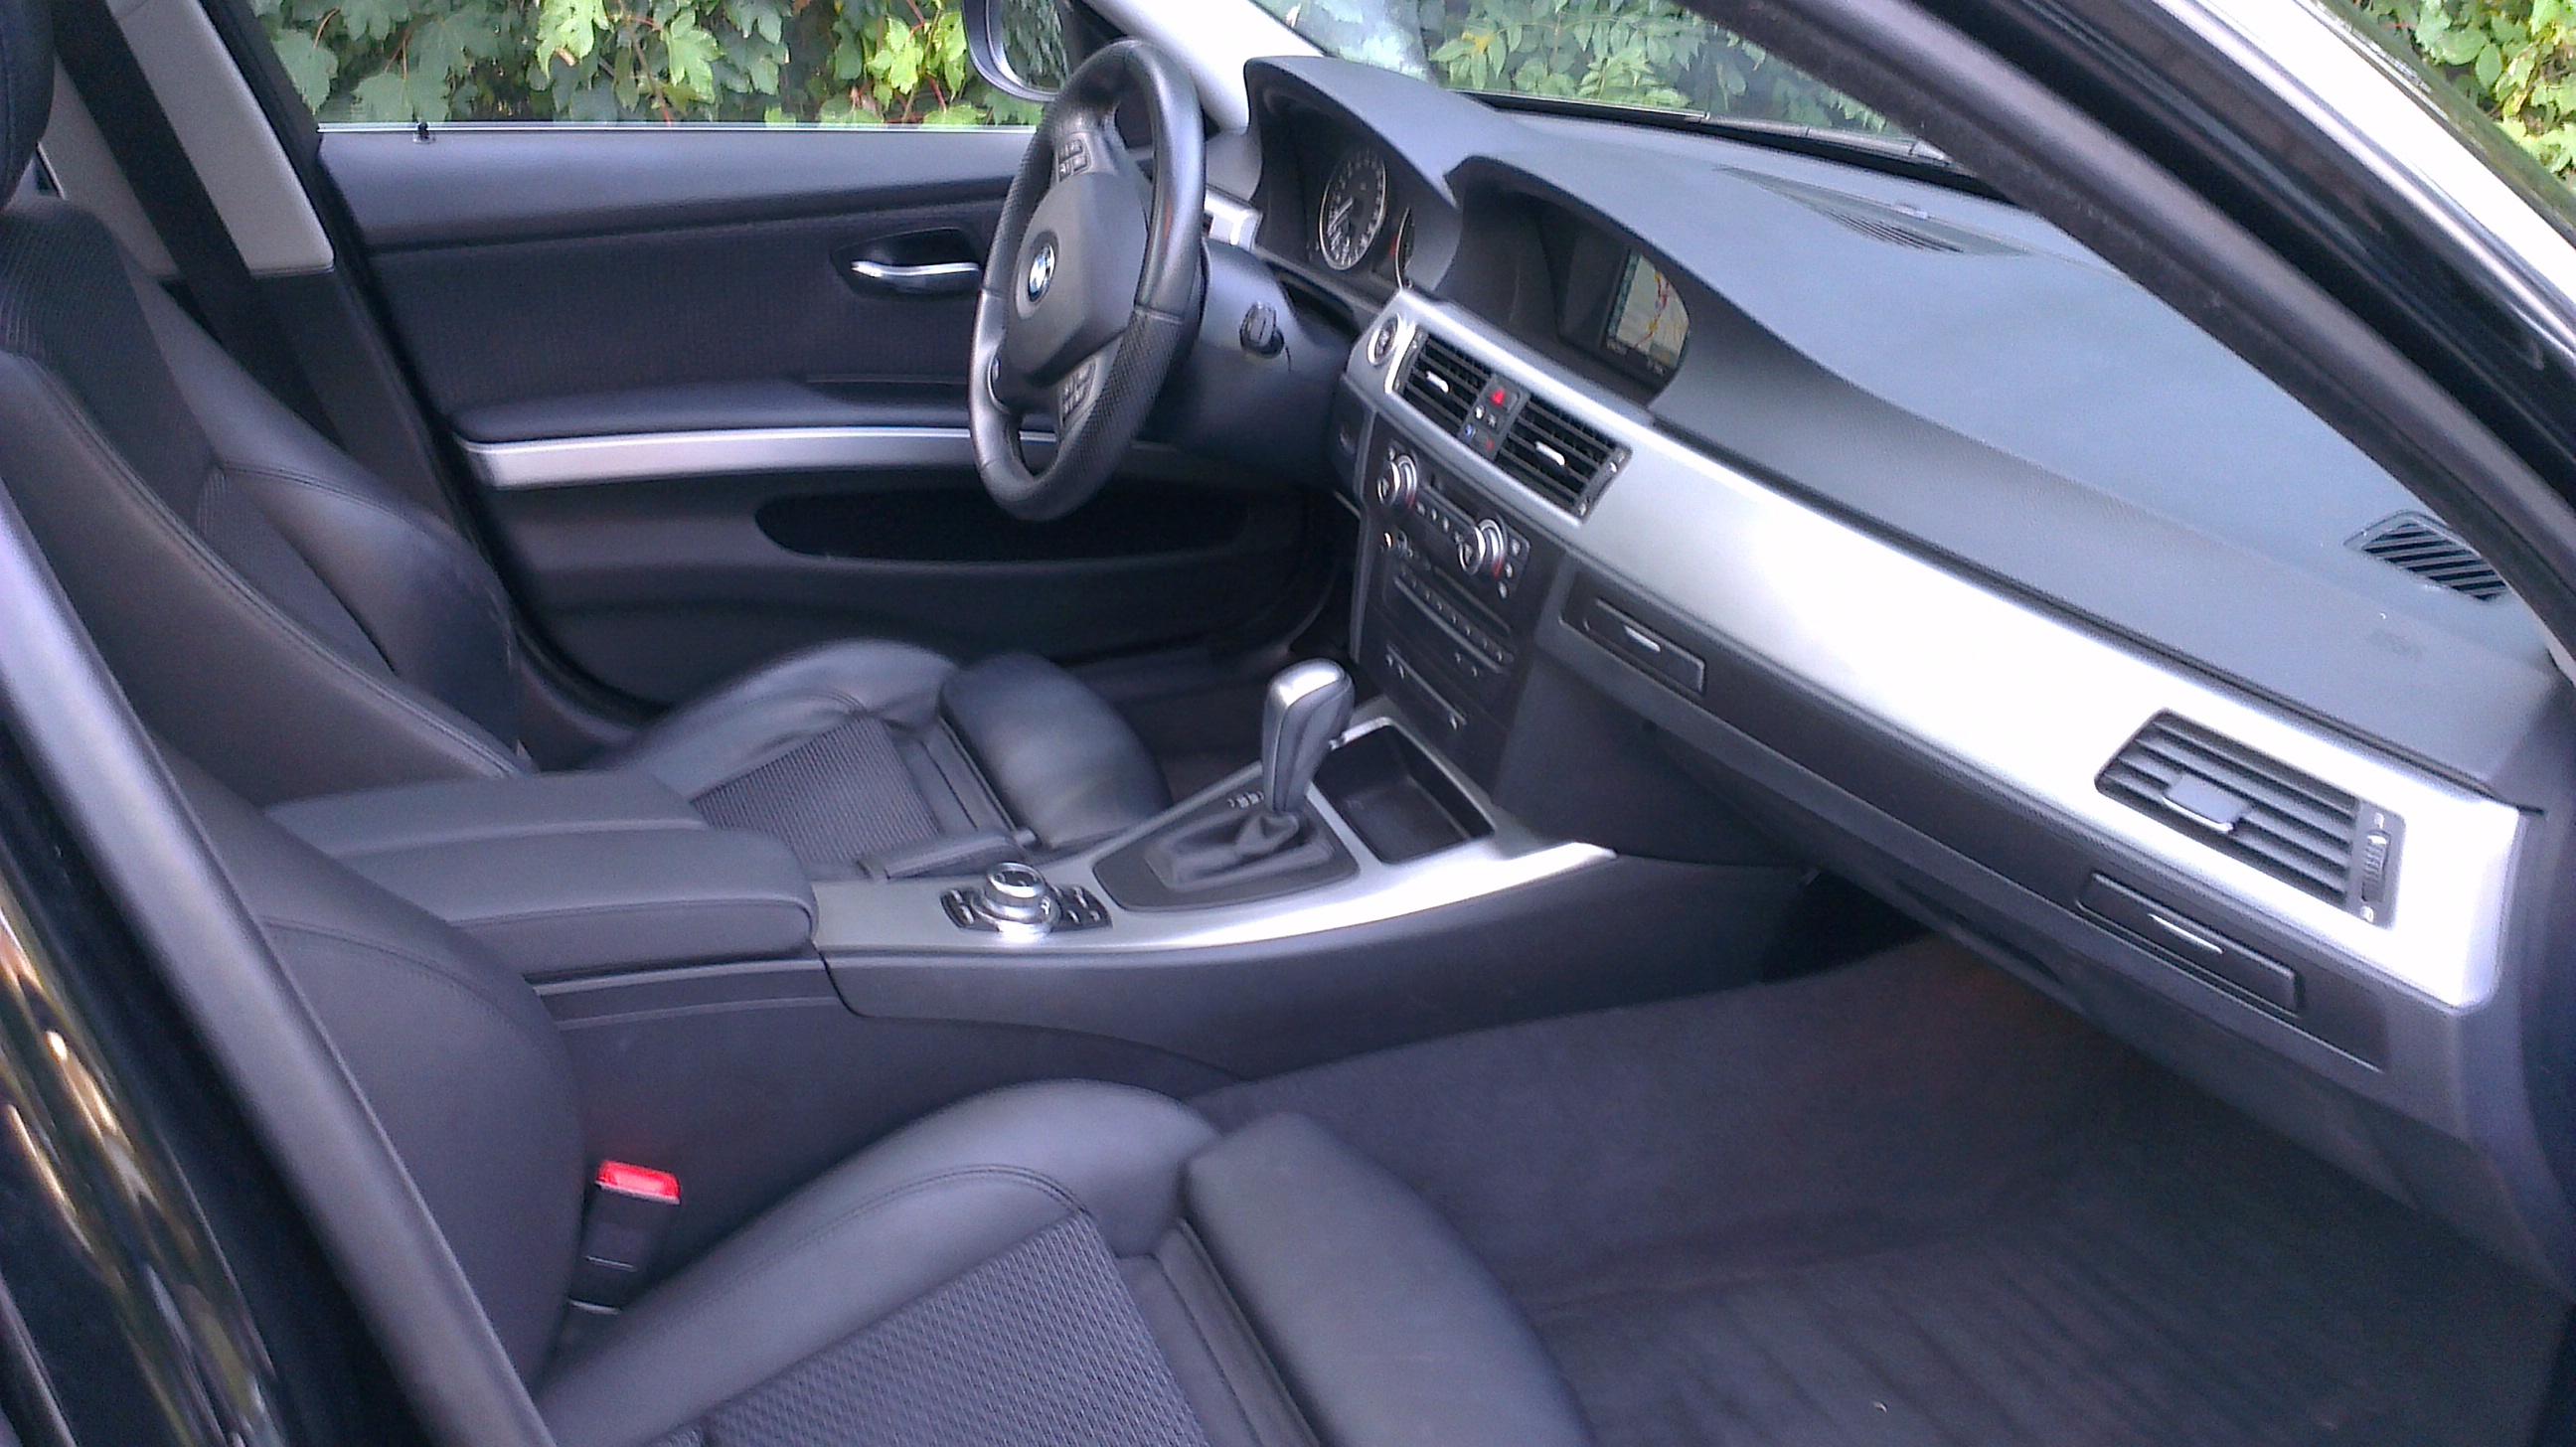 Egy Autó A Belső Sávból Bmw 3 2005 Totalcar Autós Népítélet